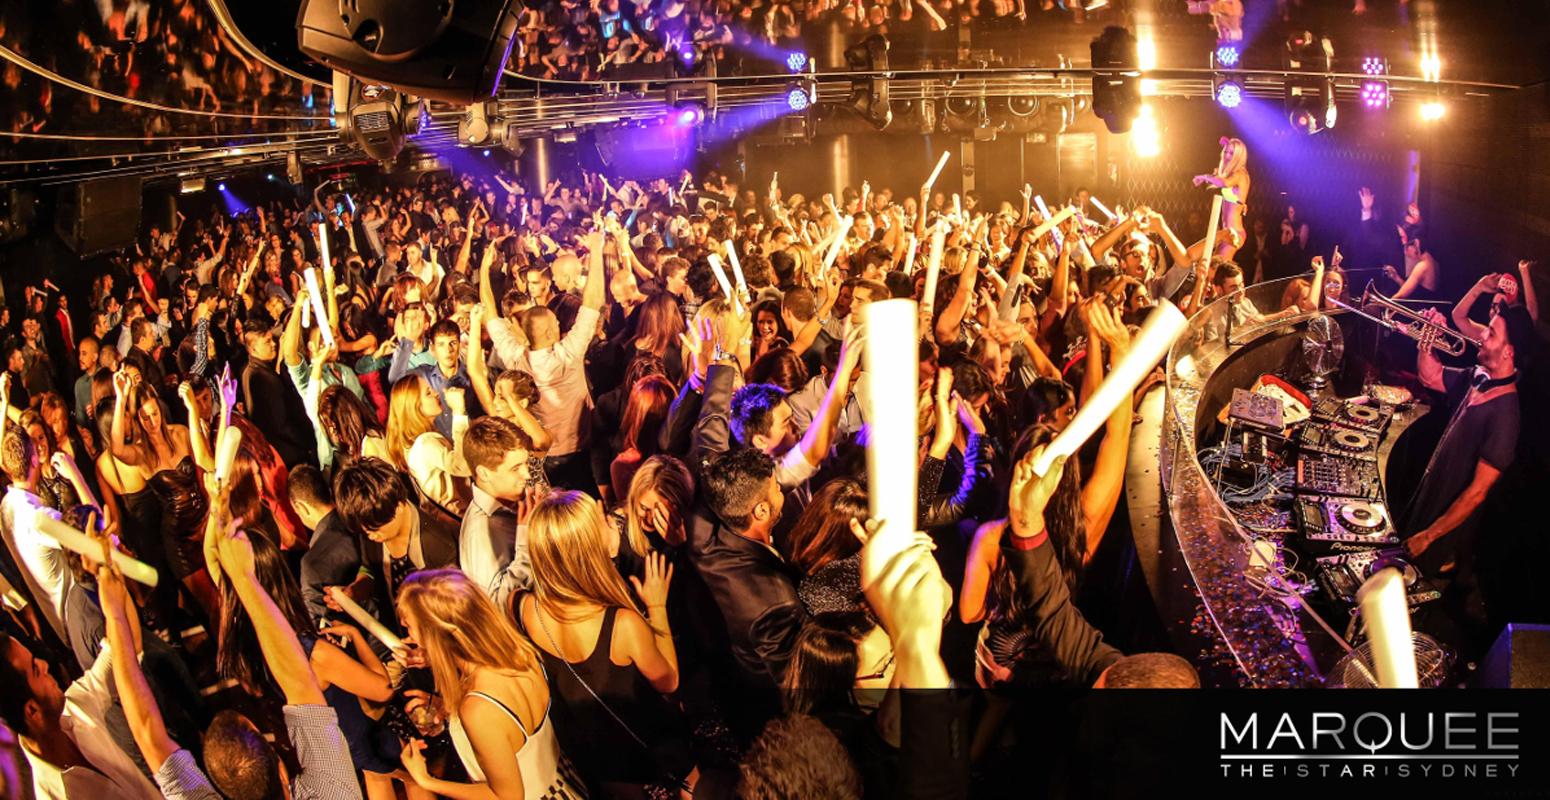 シドニーのEDMが楽しめるクラブ